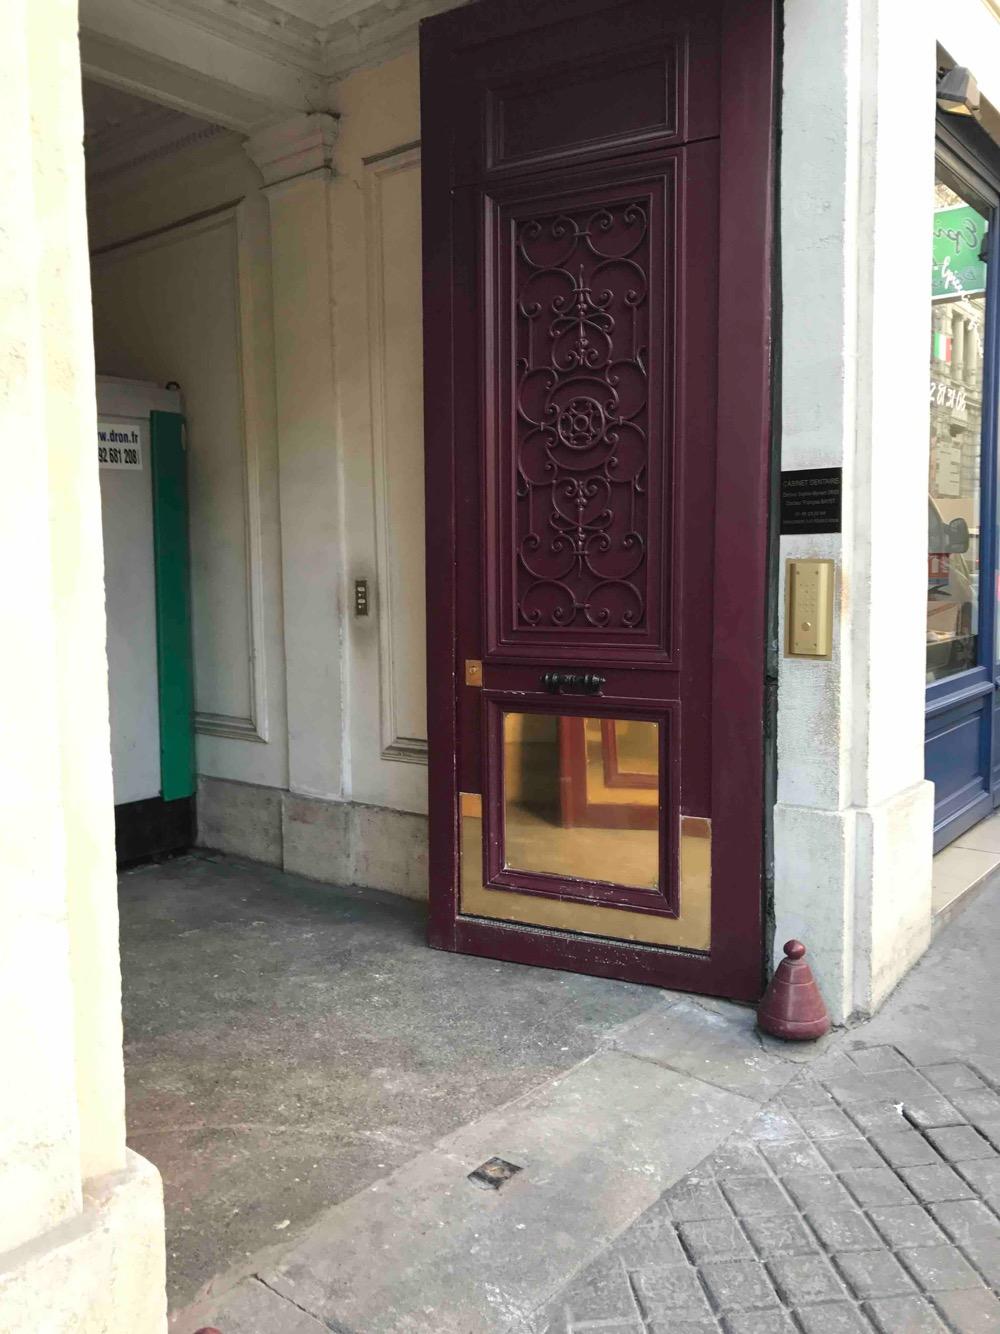 Parement Laiton Sur Porte Cochère - Paris 9